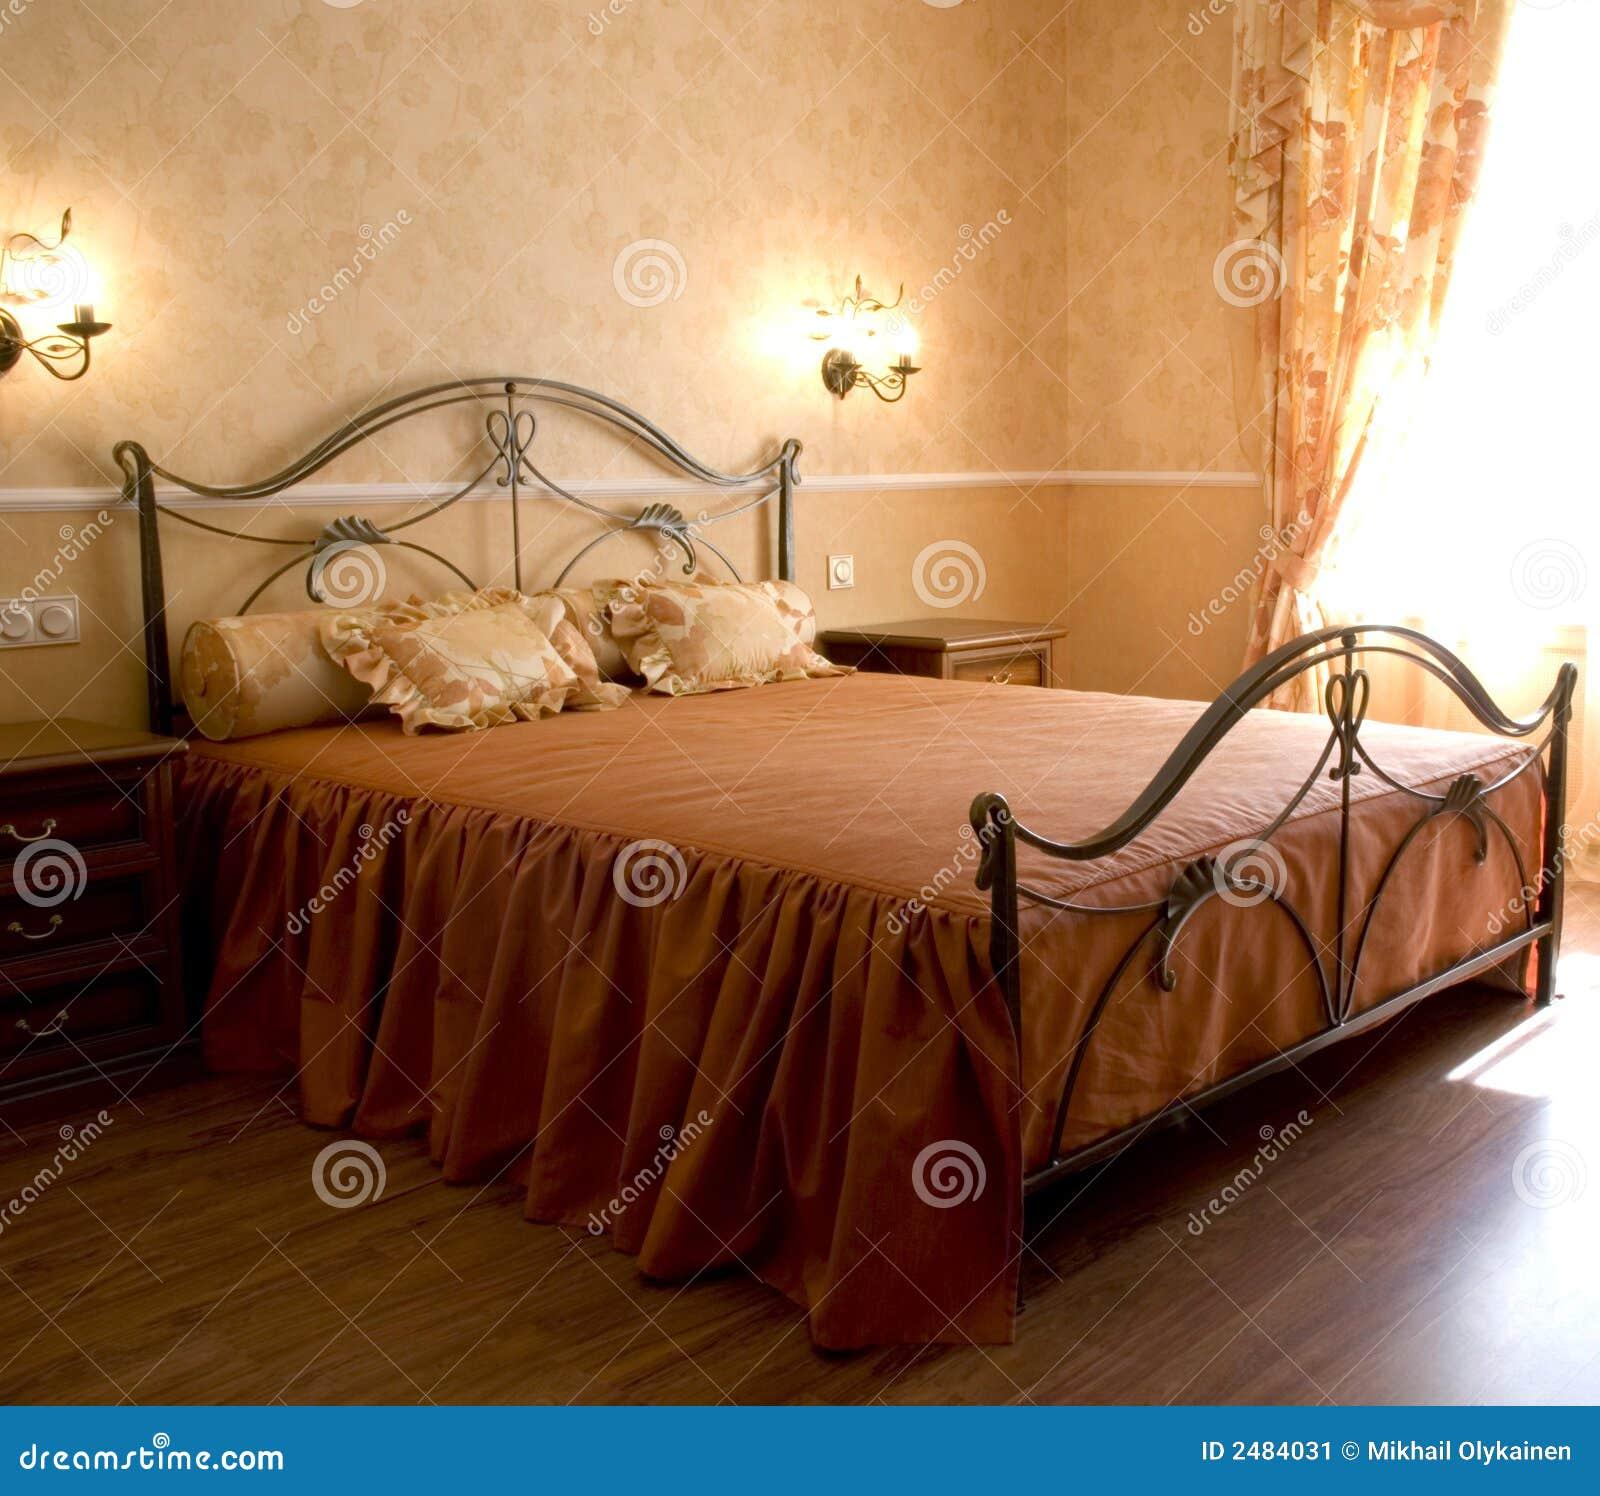 Camera da letto romantica immagine stock immagine 2484031 - Stanza da letto romantica ...